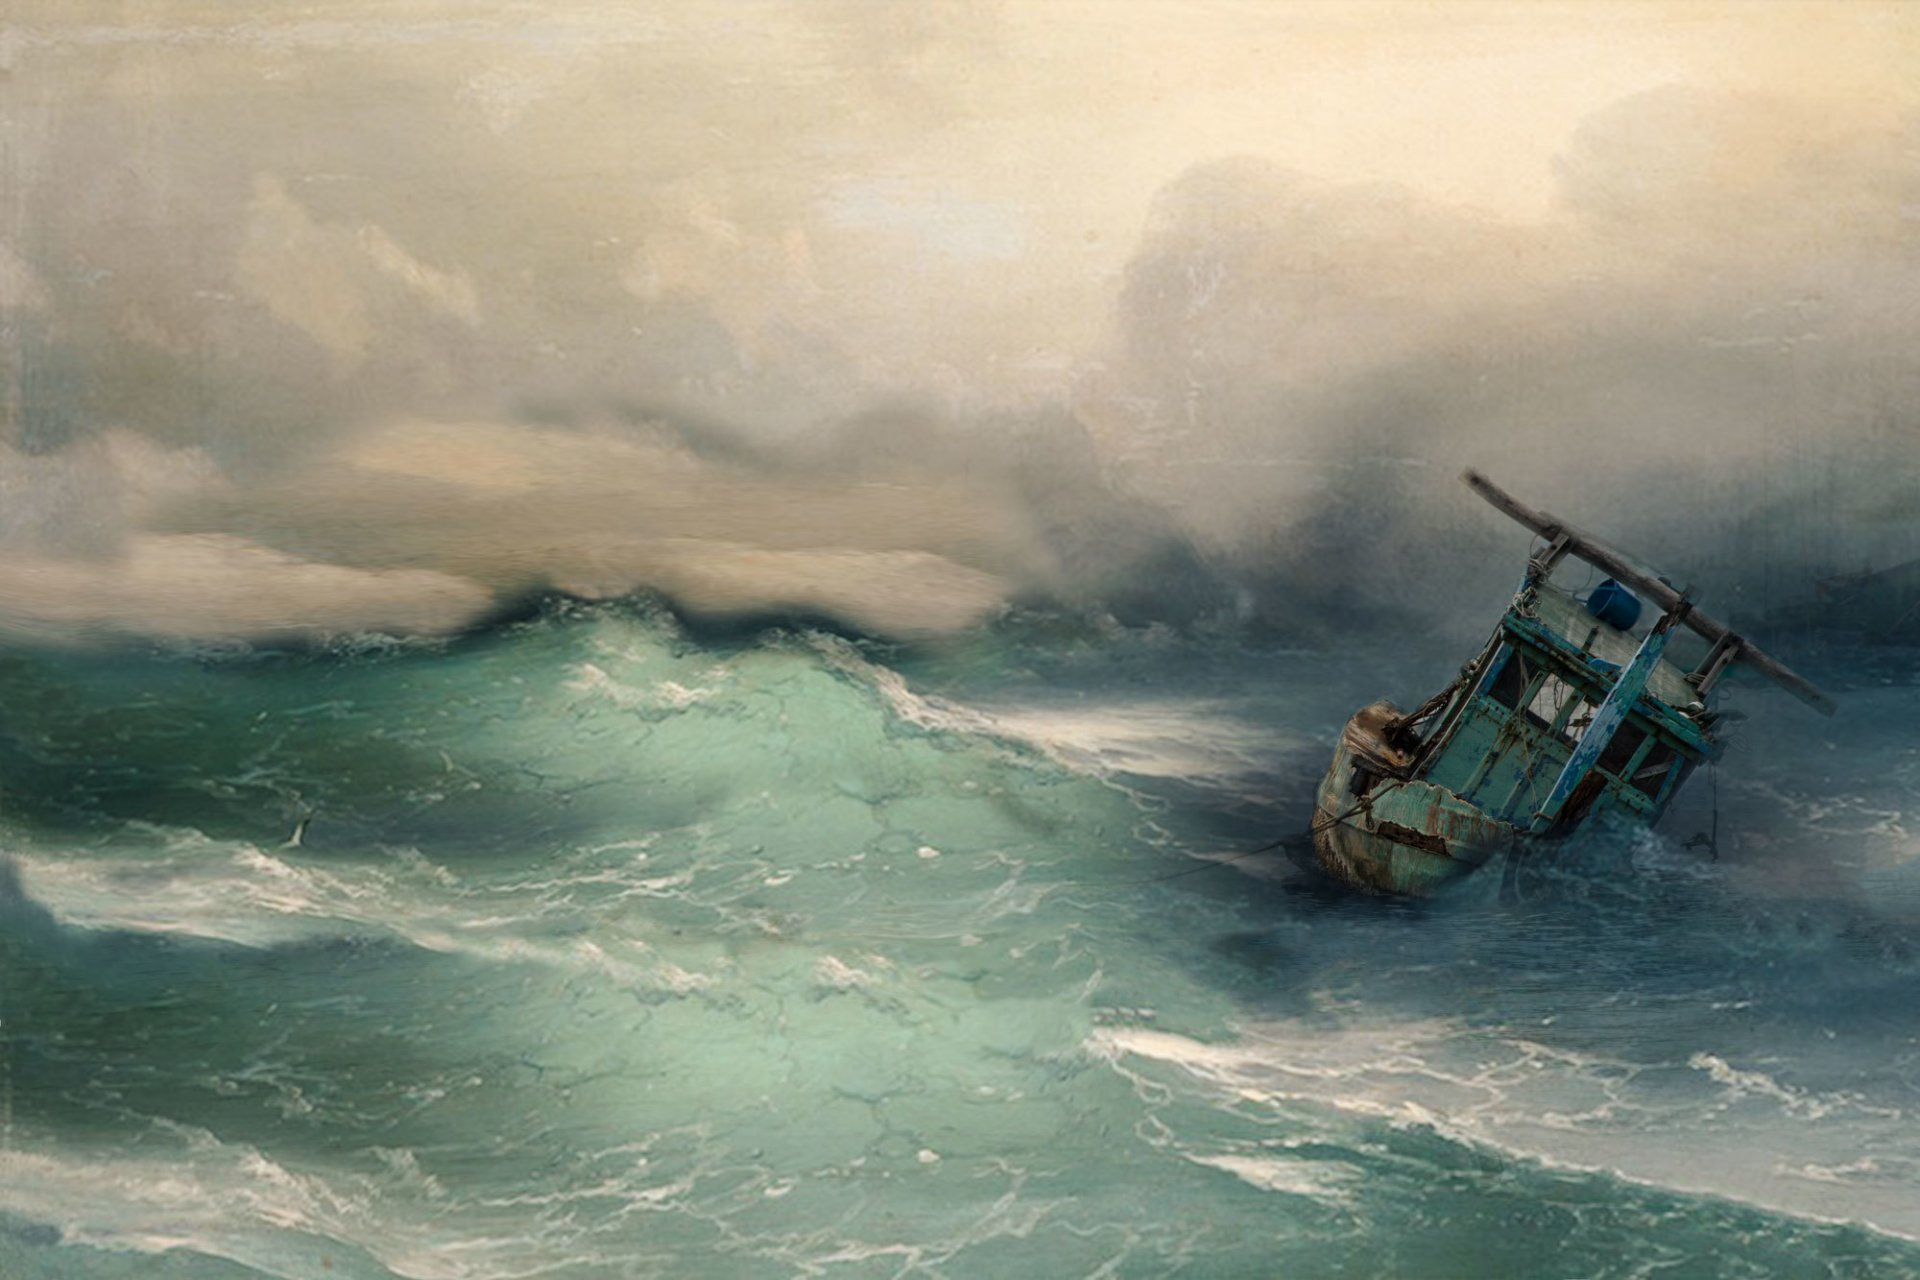 парусник в штормовом море фото этой статье представим